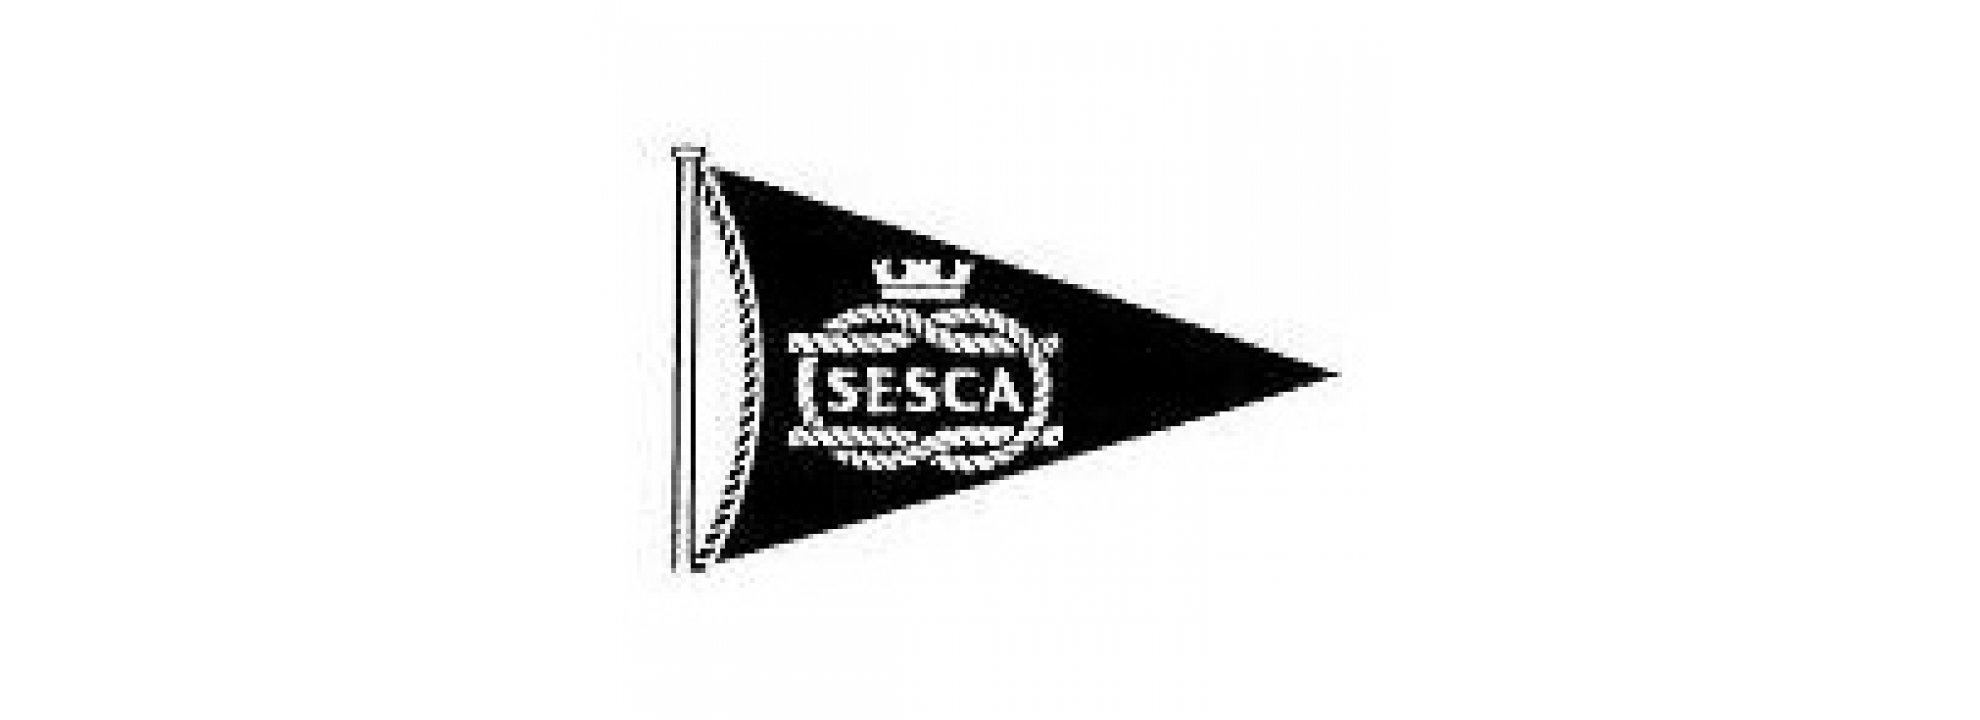 SESCA's '8th Antigua Sailing Day Regatta' Banner